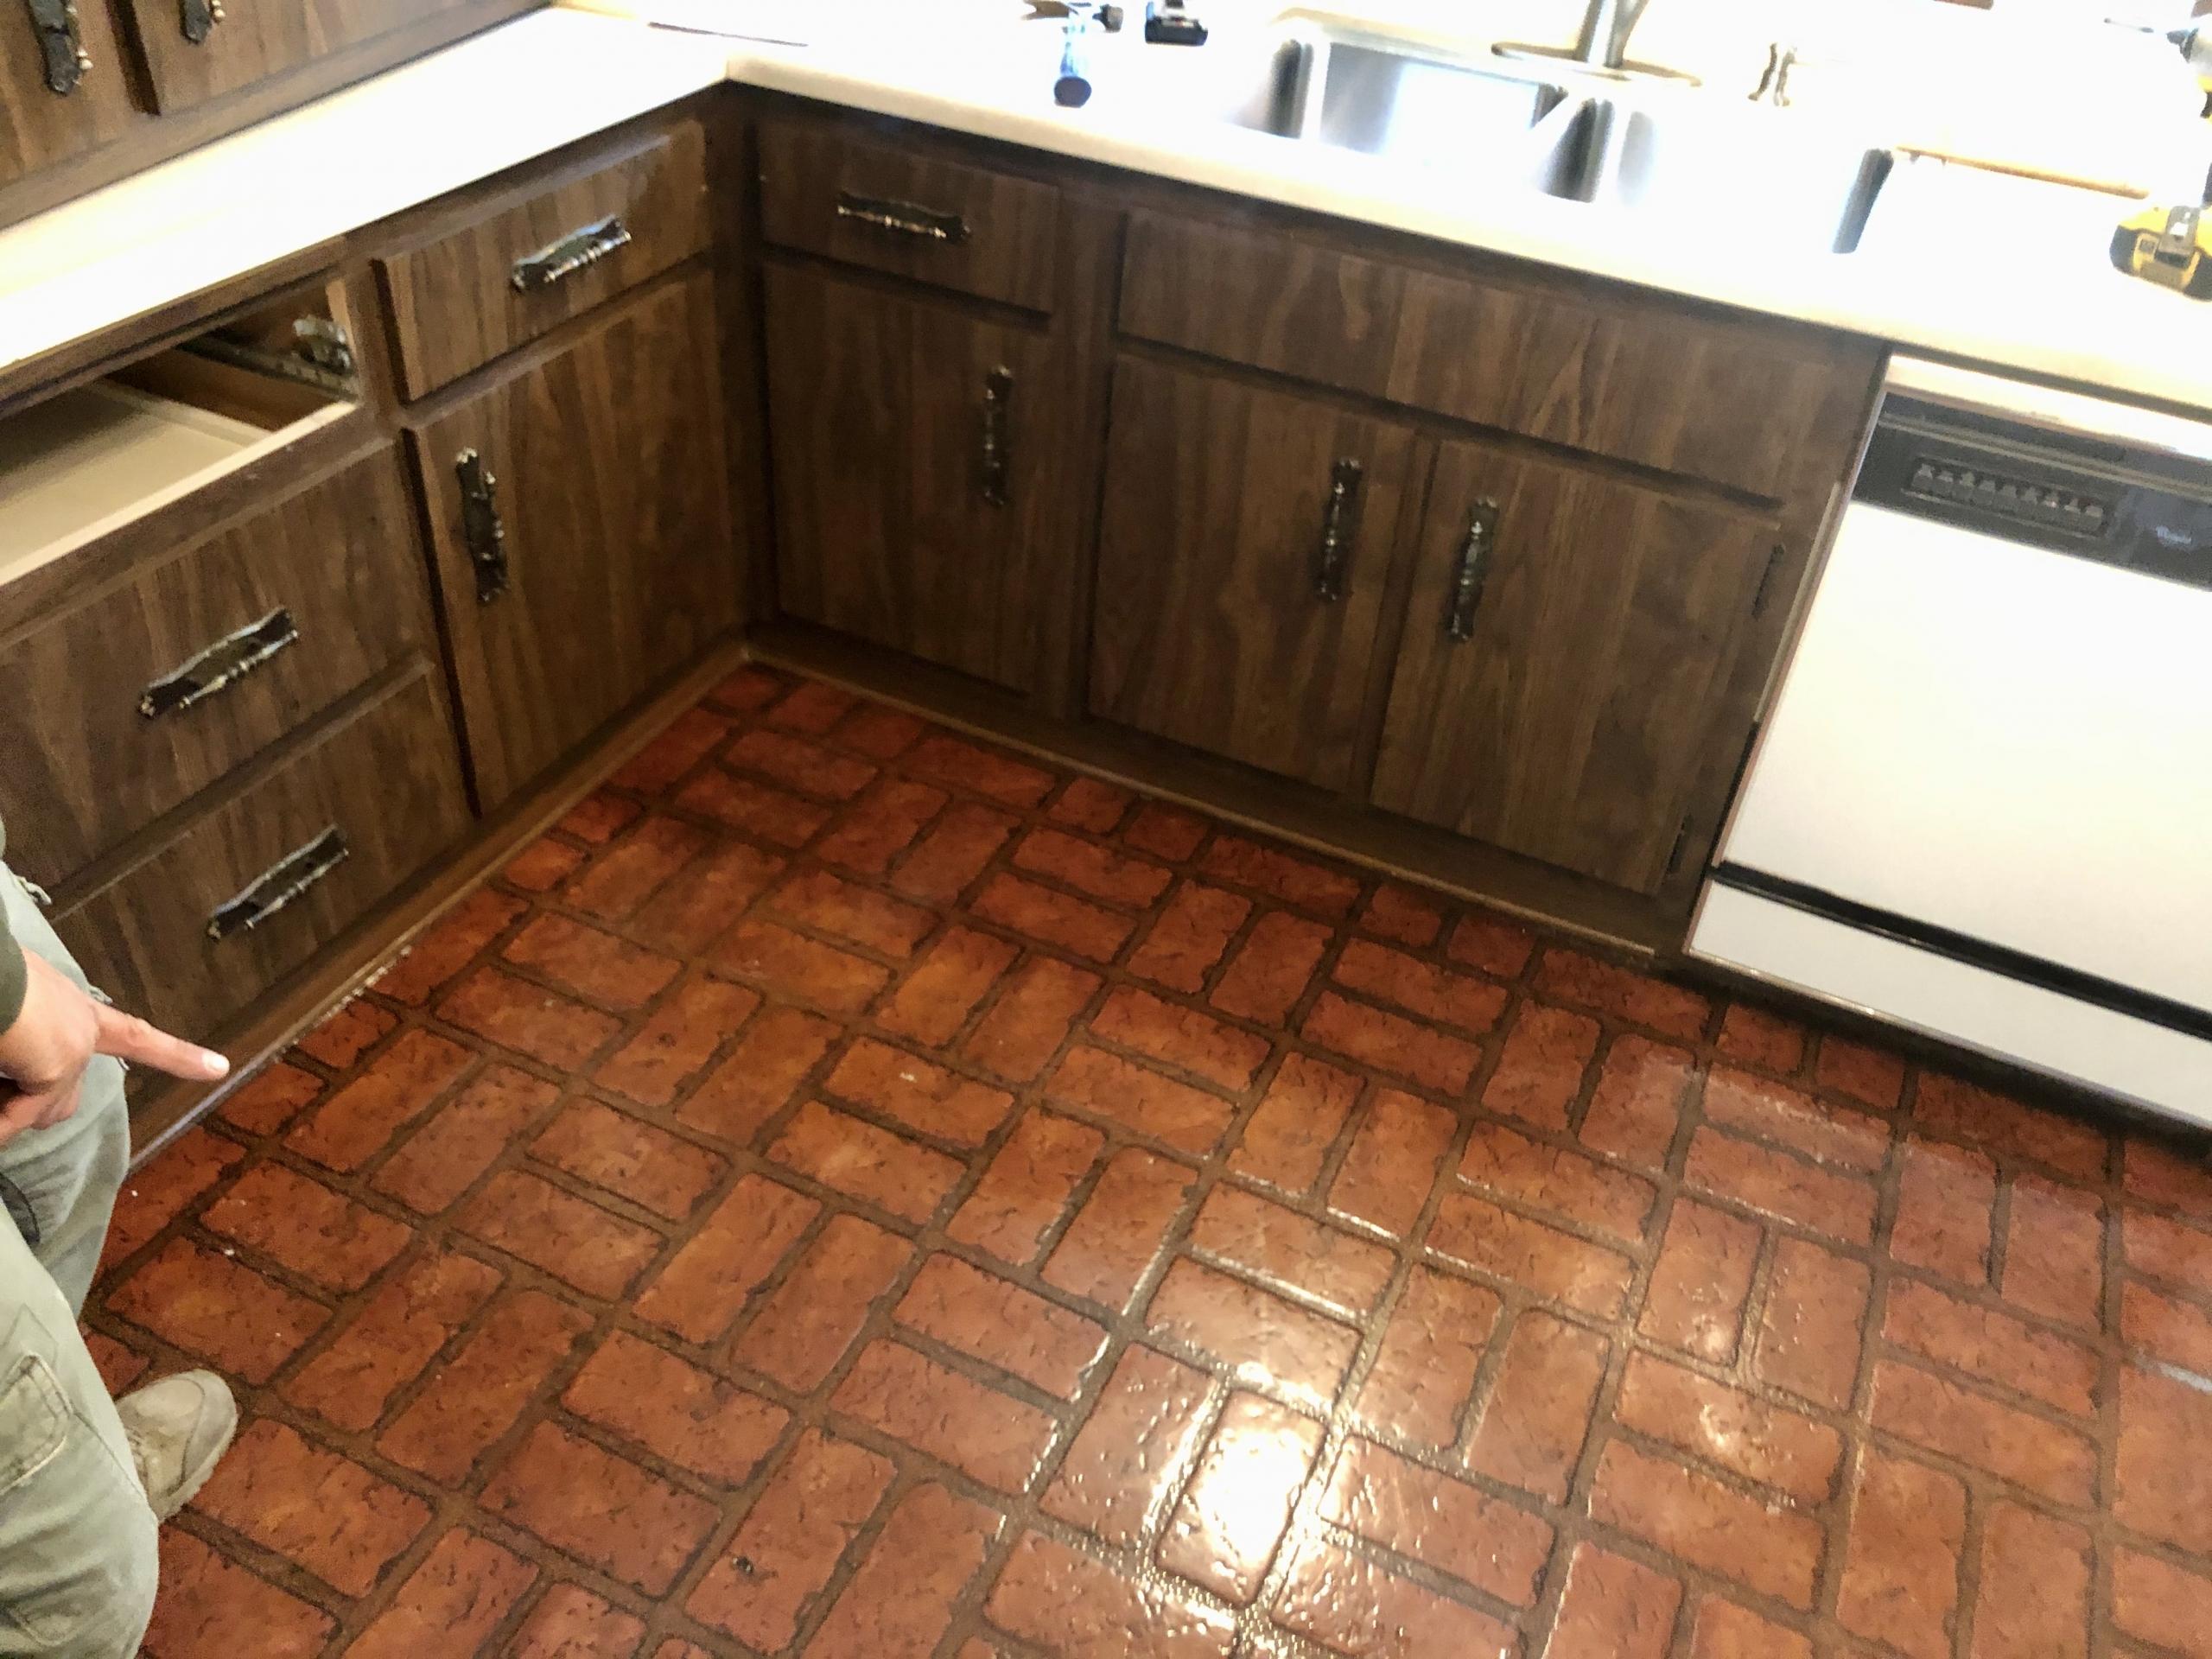 Kitchen Floor Before Remodel